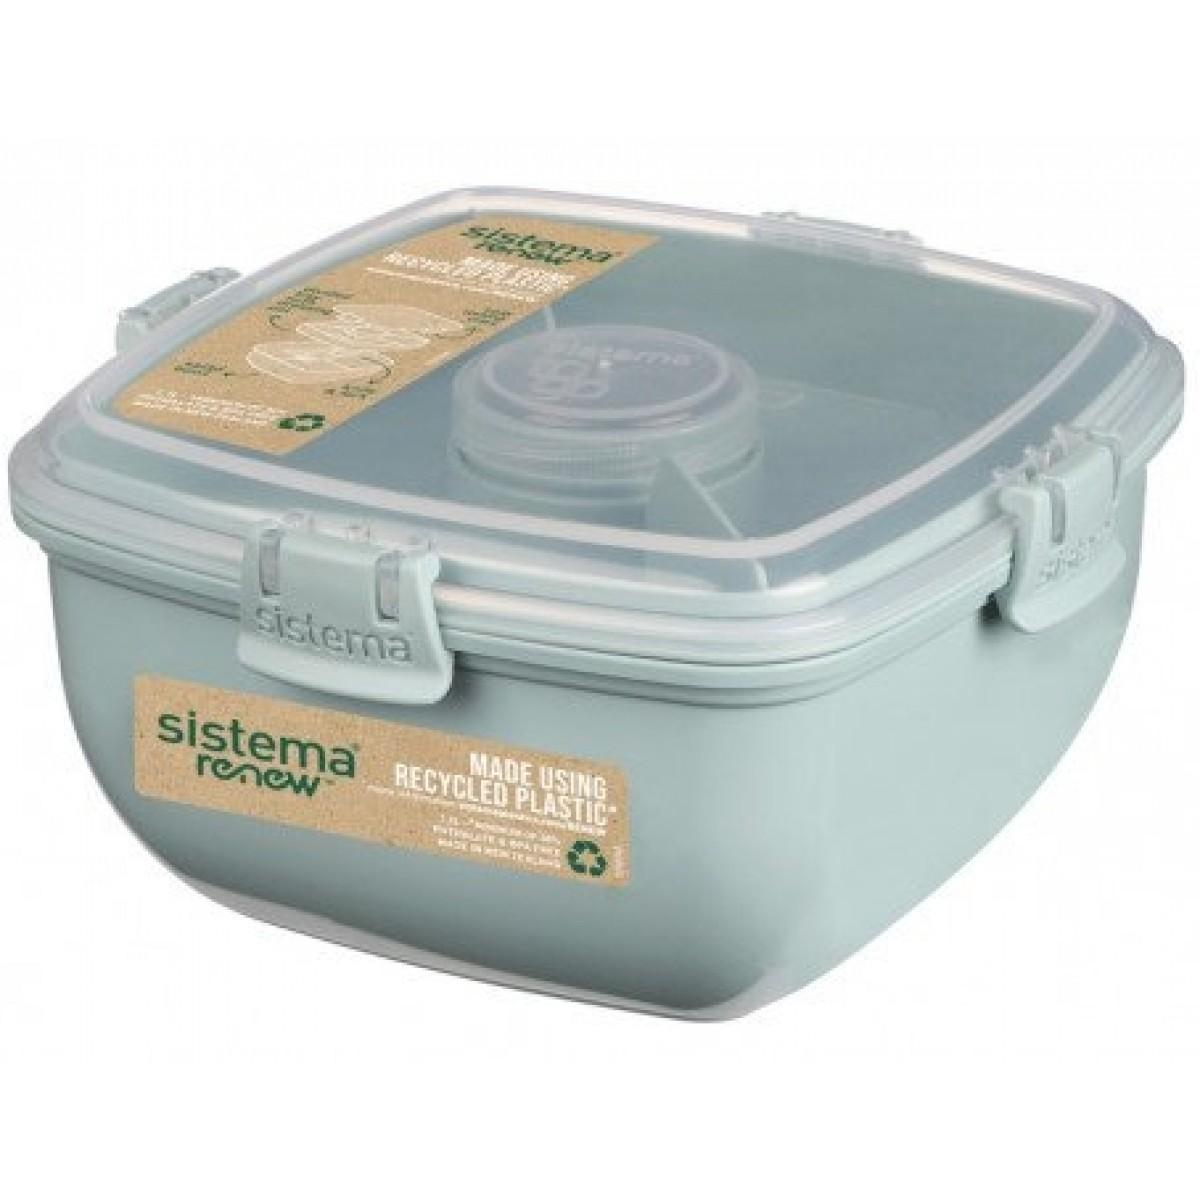 SISTEMA Salatboks med inddeling og bestik renew - grøn